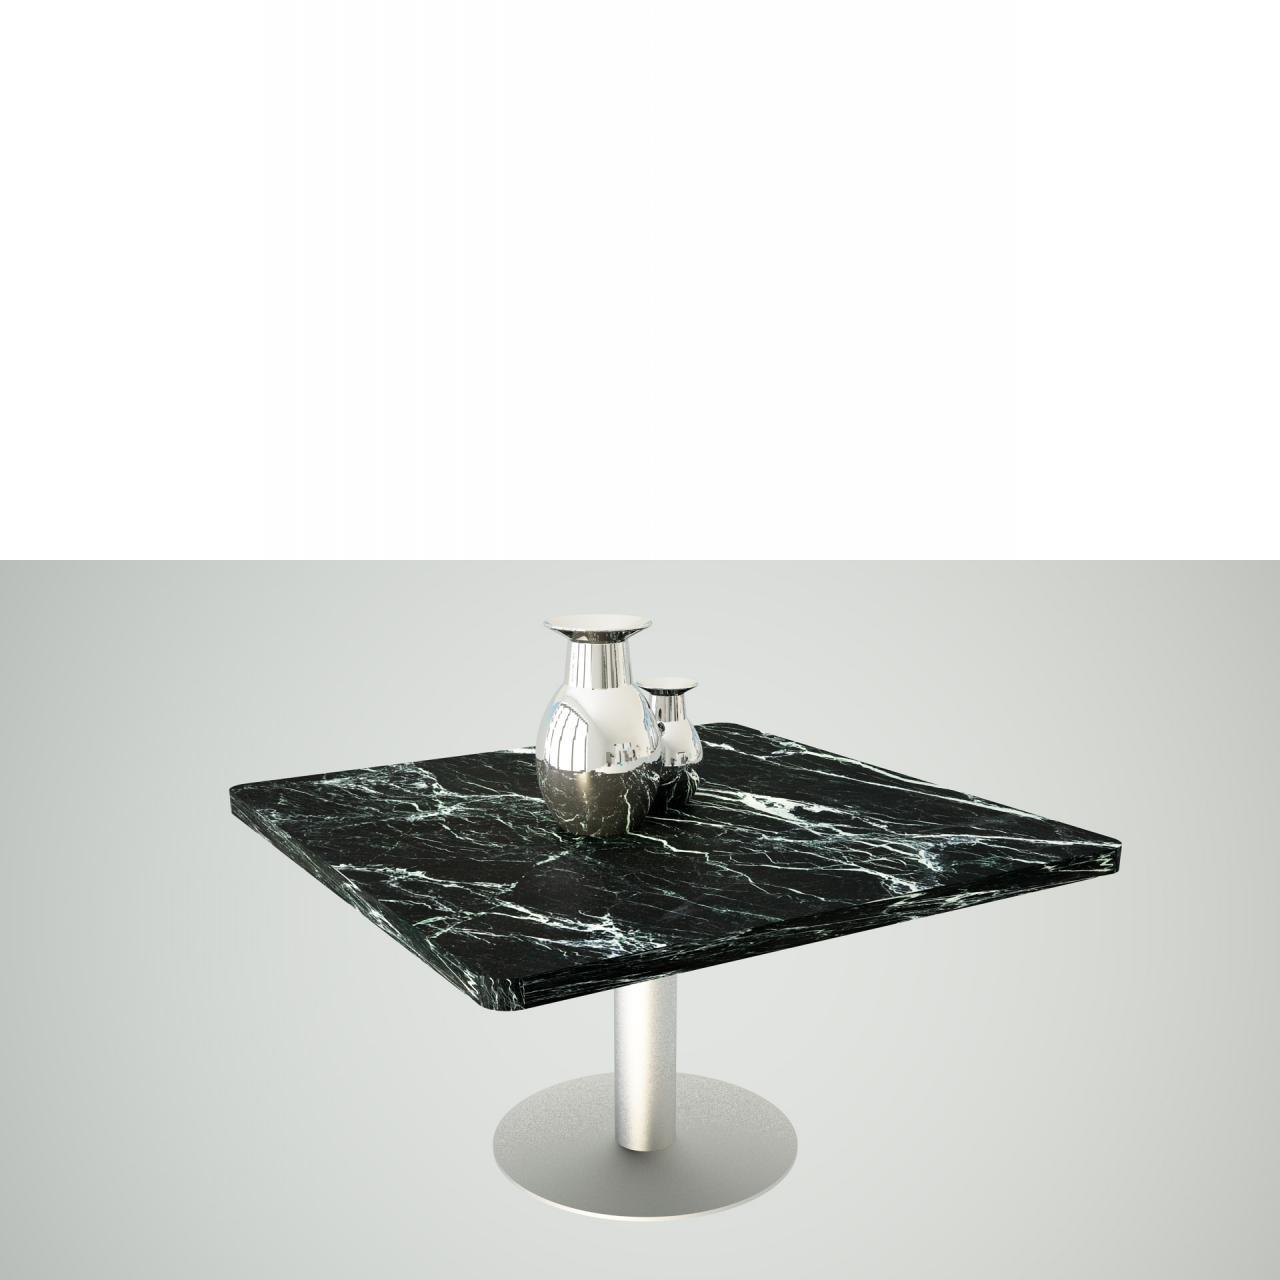 Couchtisch Concept in schwarz/weiß mit Marmor Optik